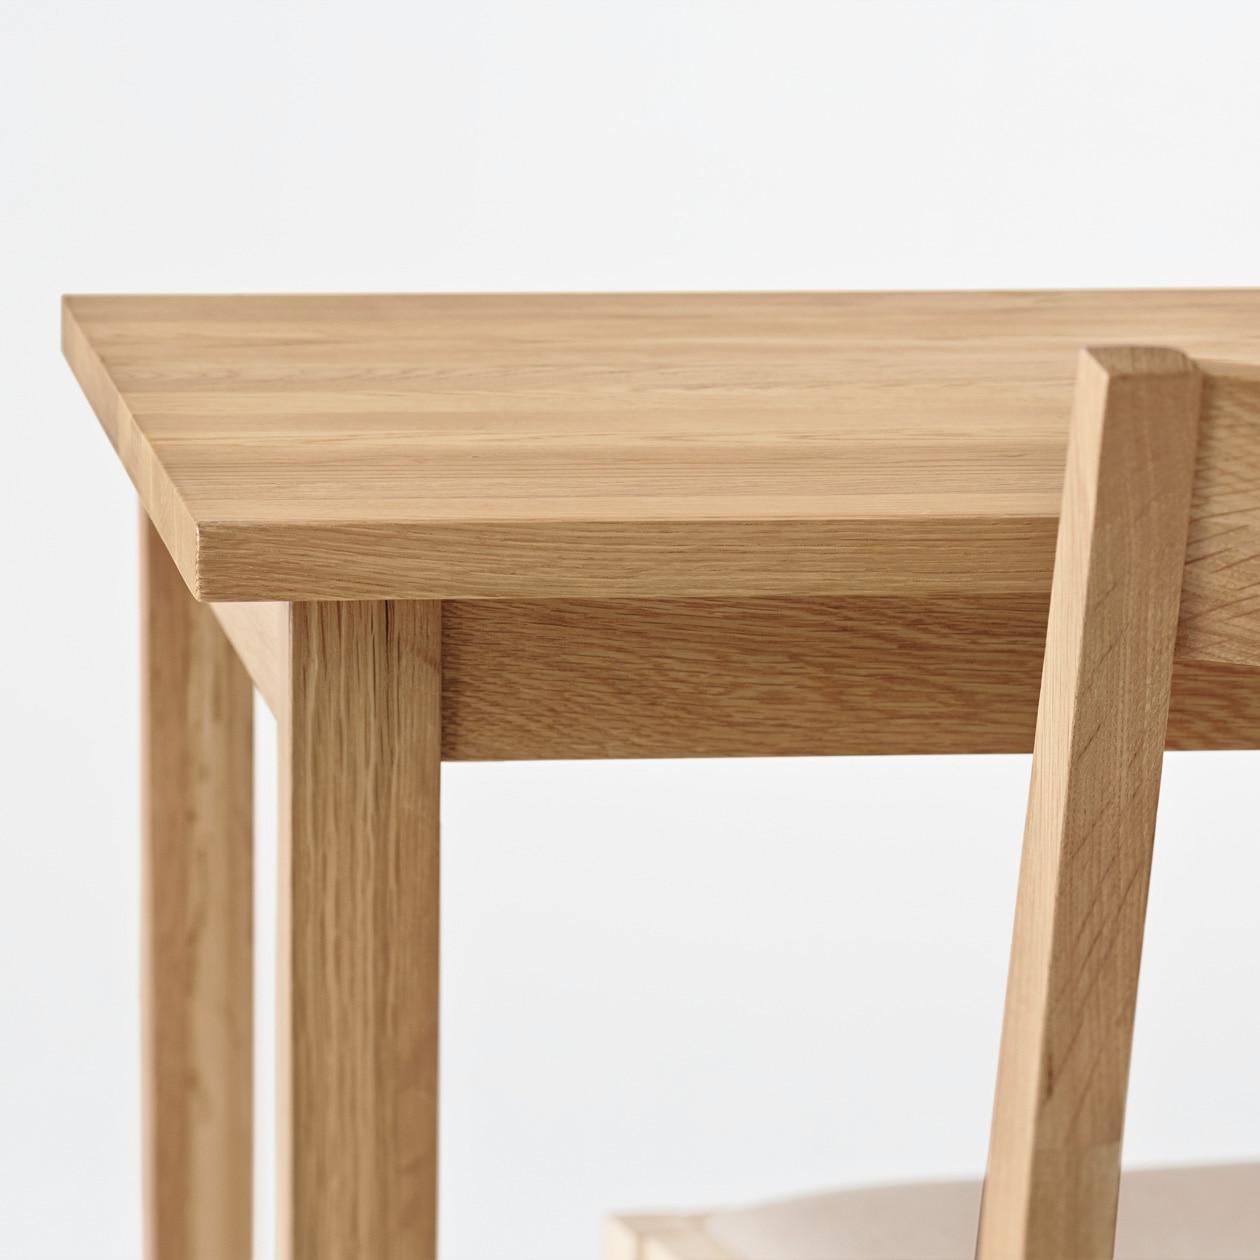 Oak wood table household